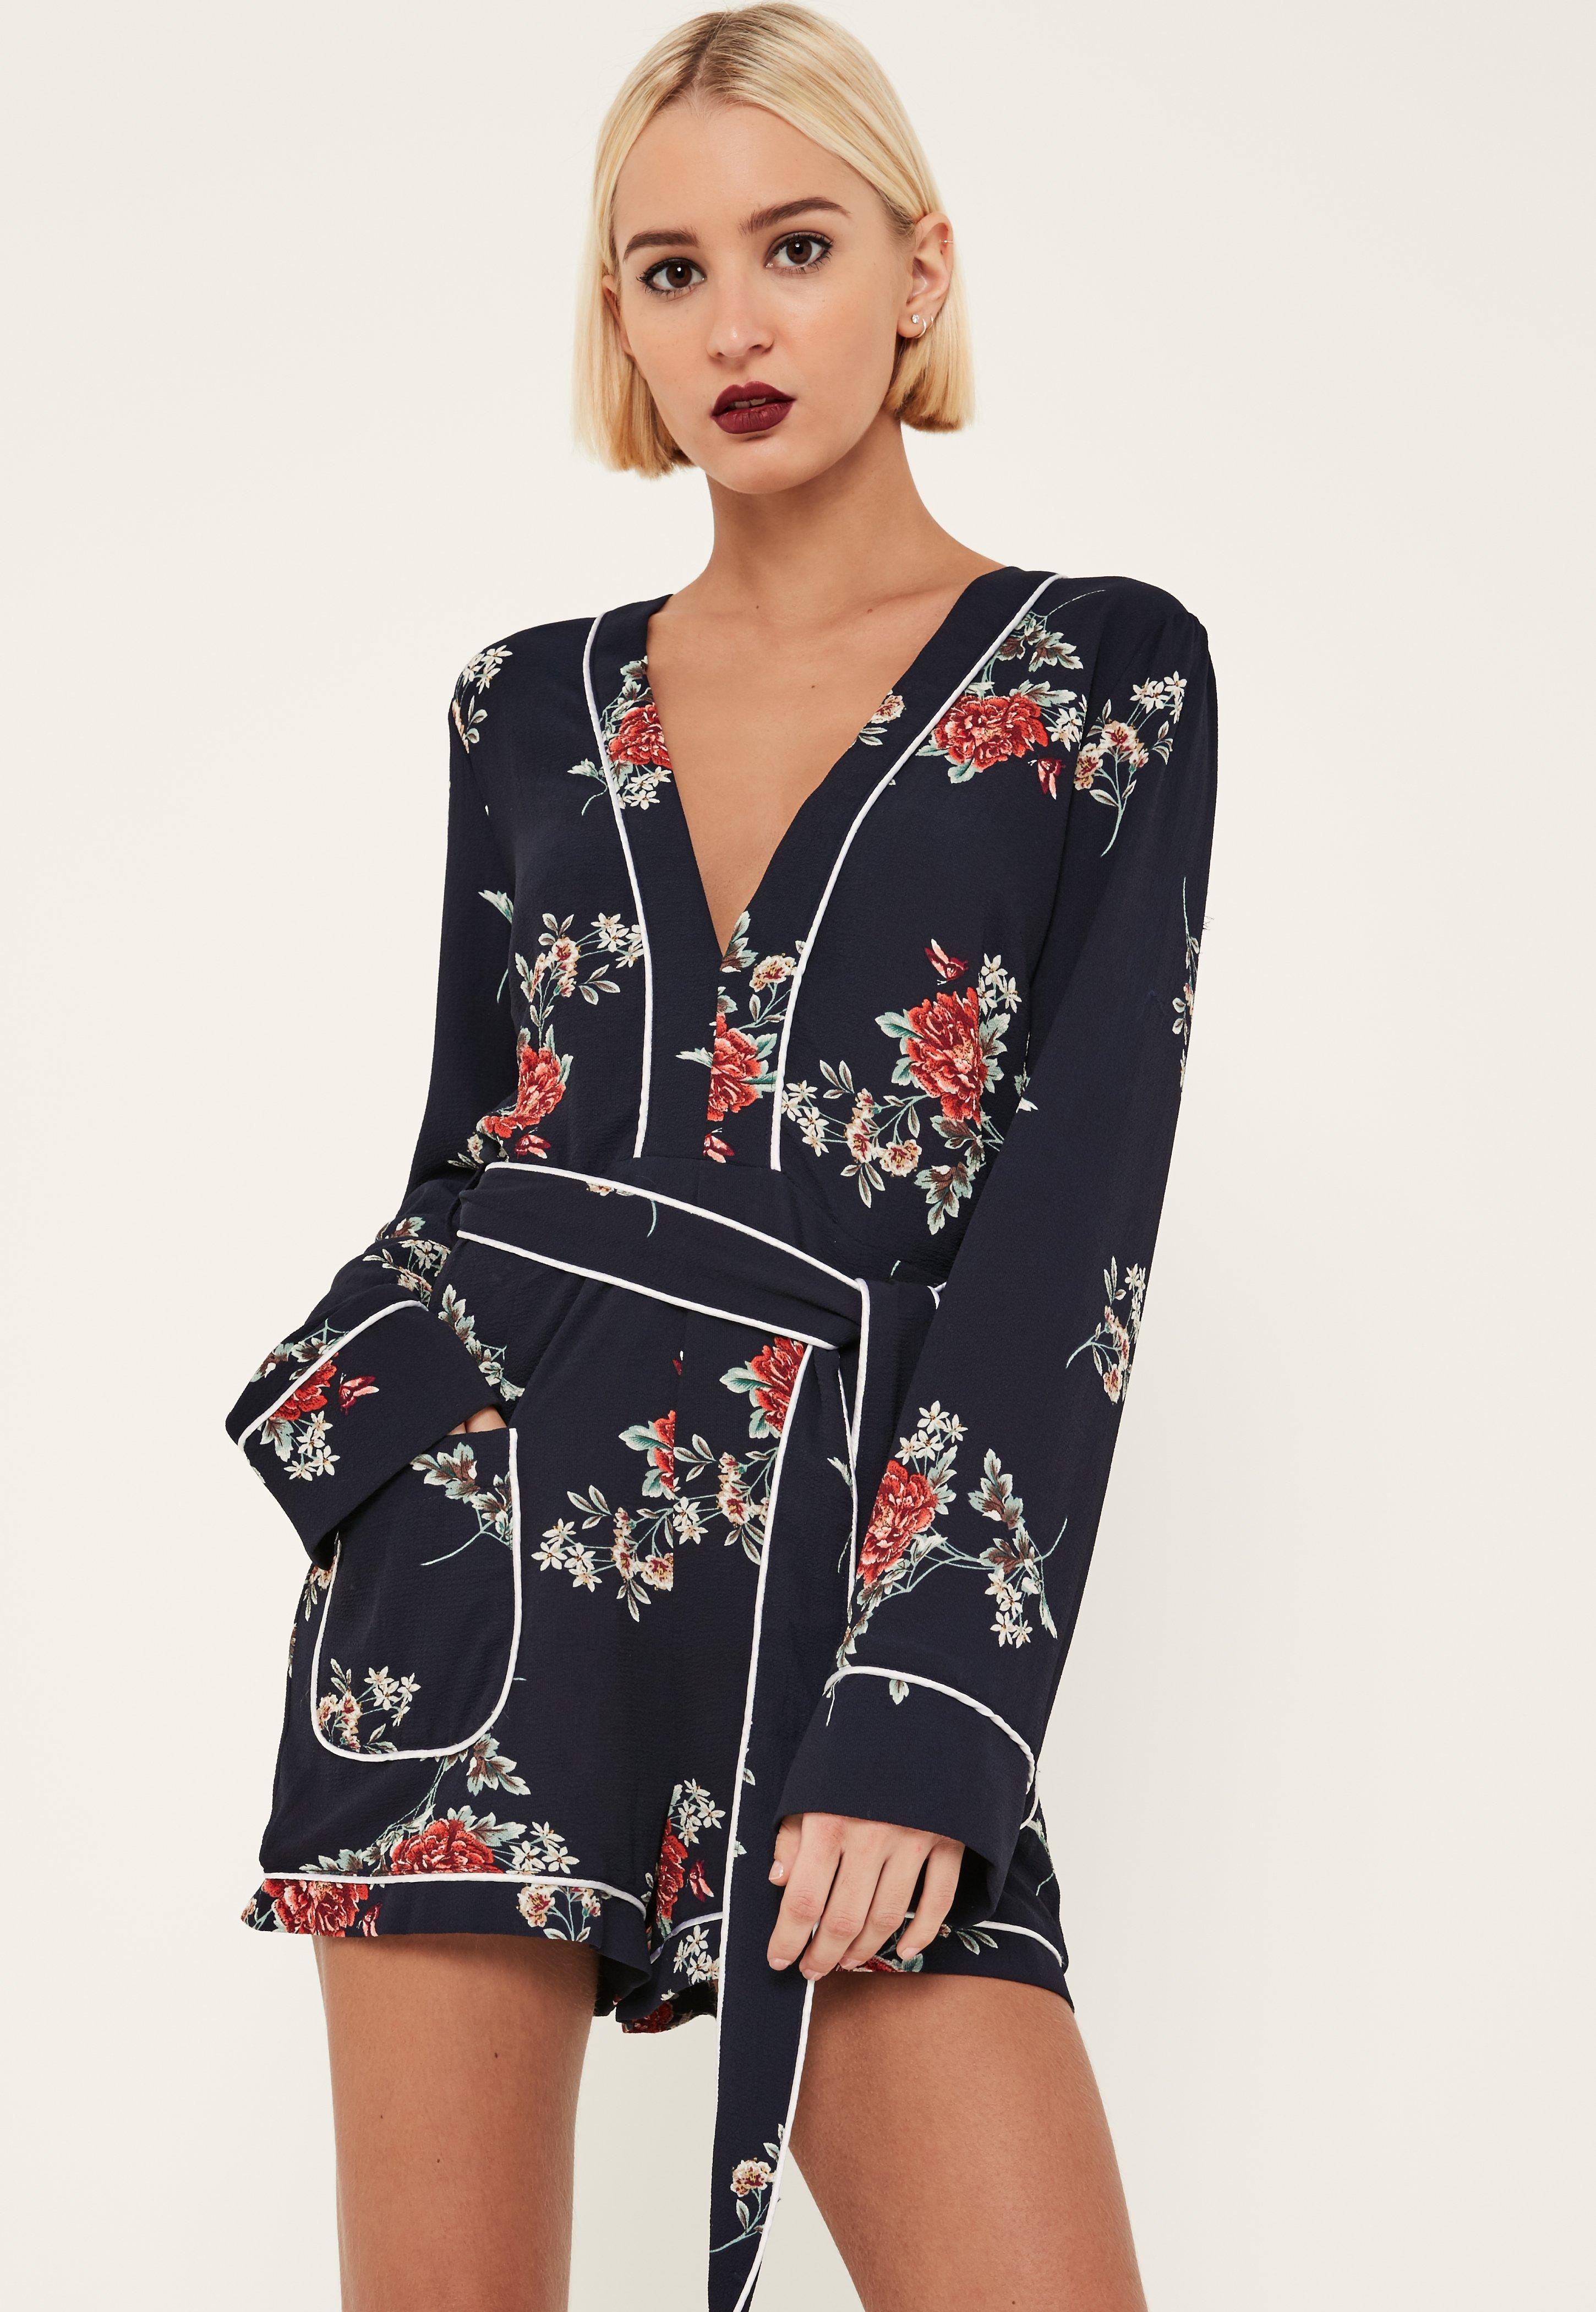 af4973fb3d Navy Floral Binded Pyjama Style Playsuit